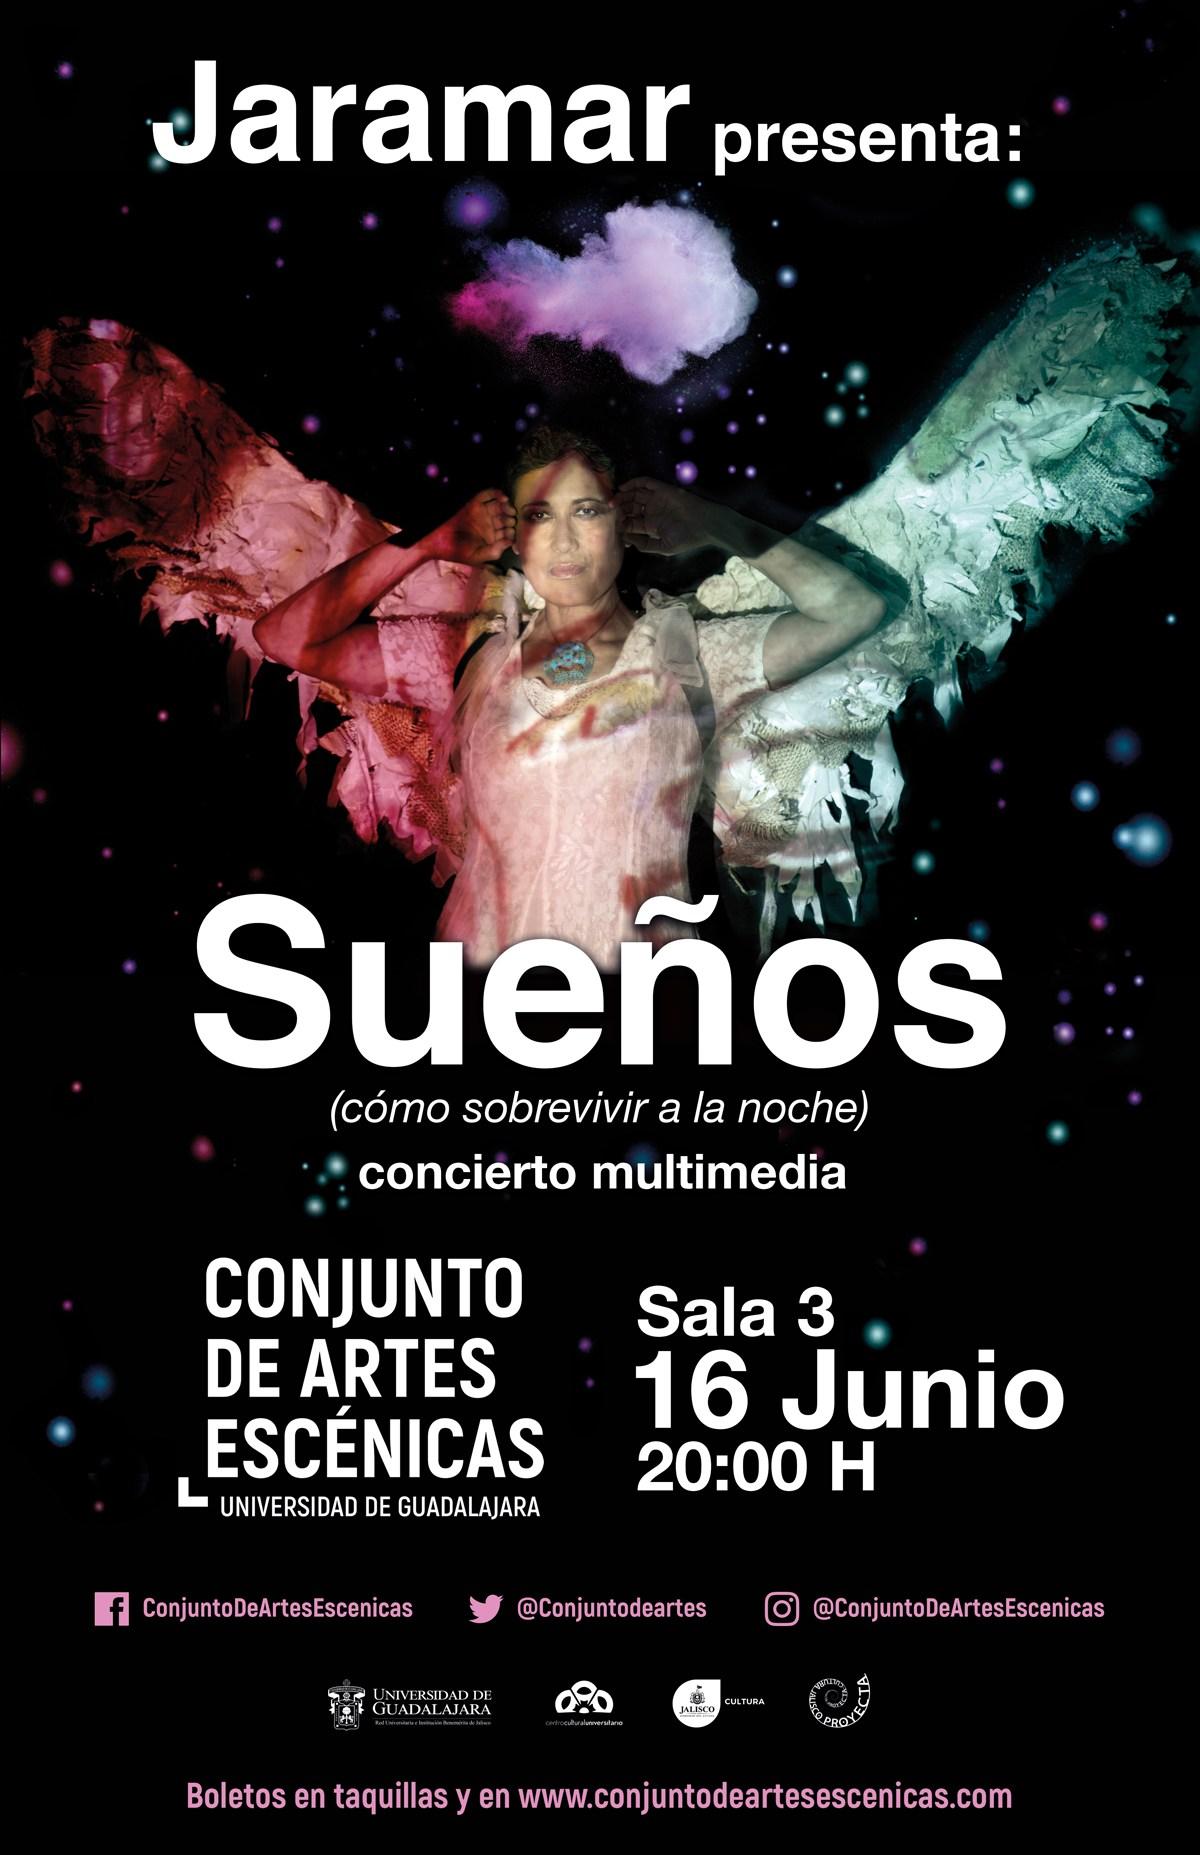 Jaramar - 16 de Junio @ Conjunto de Artes Escénicas